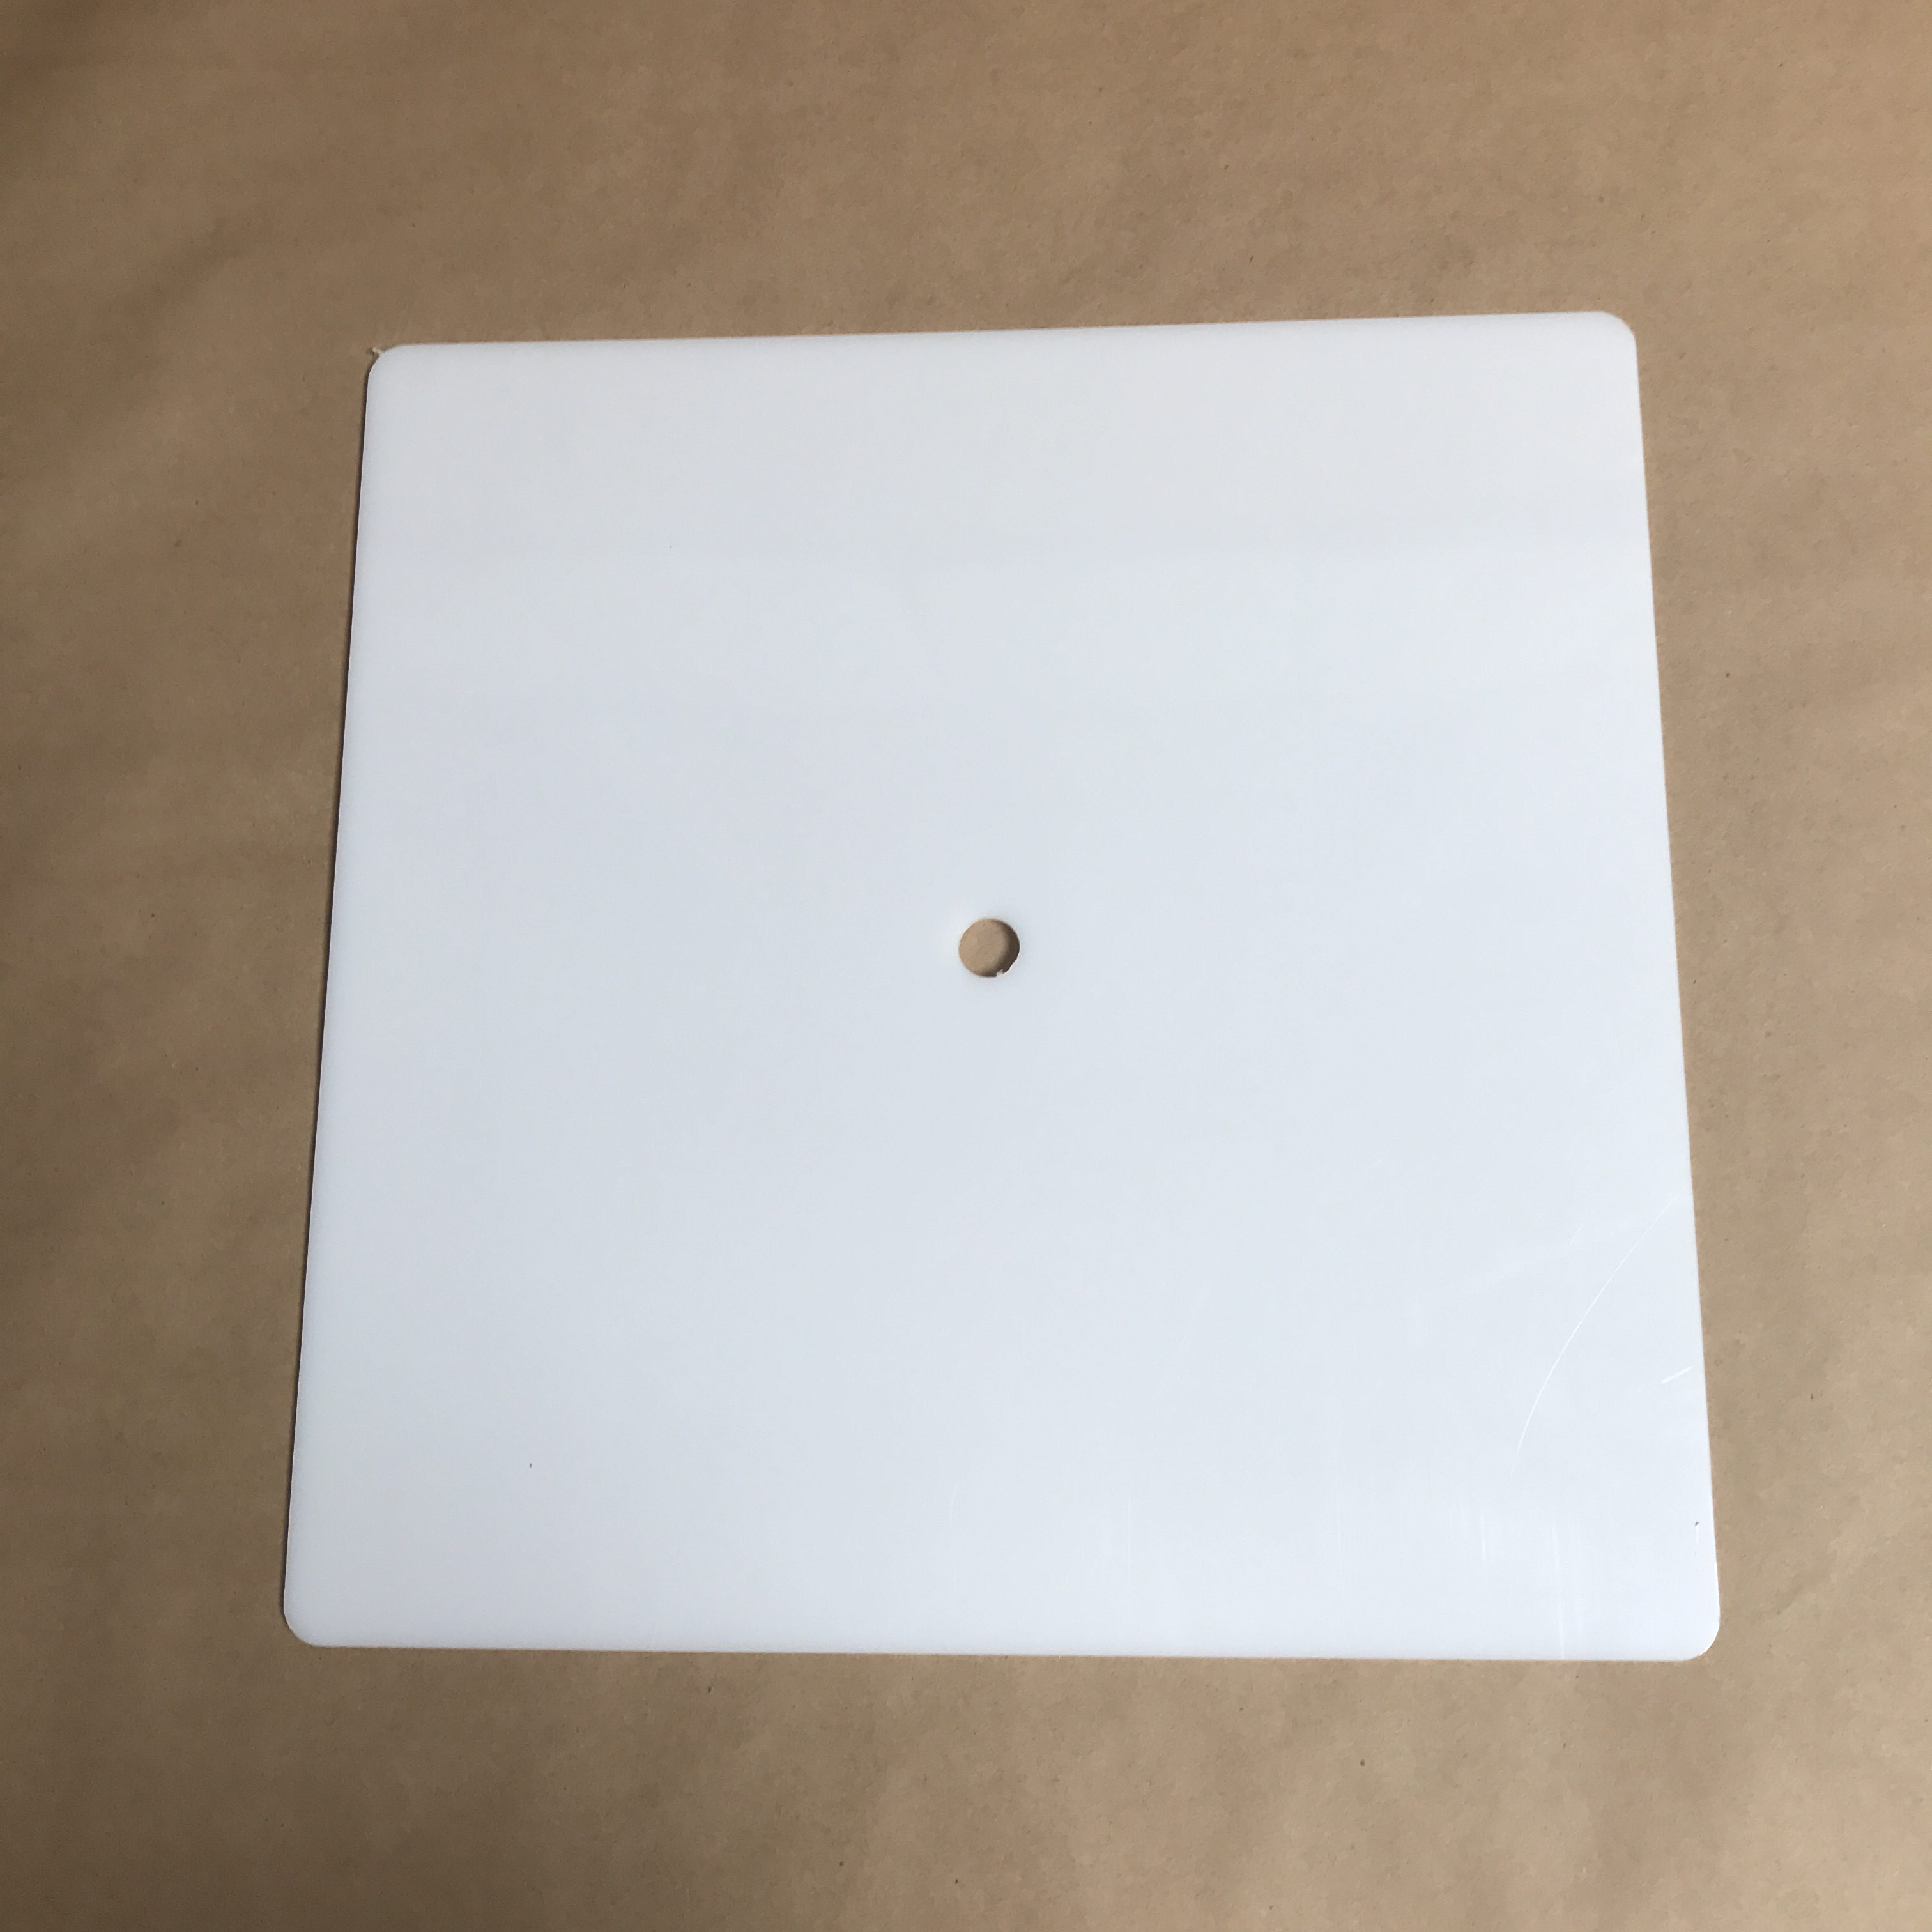 16 inch square reusable plastic cake board